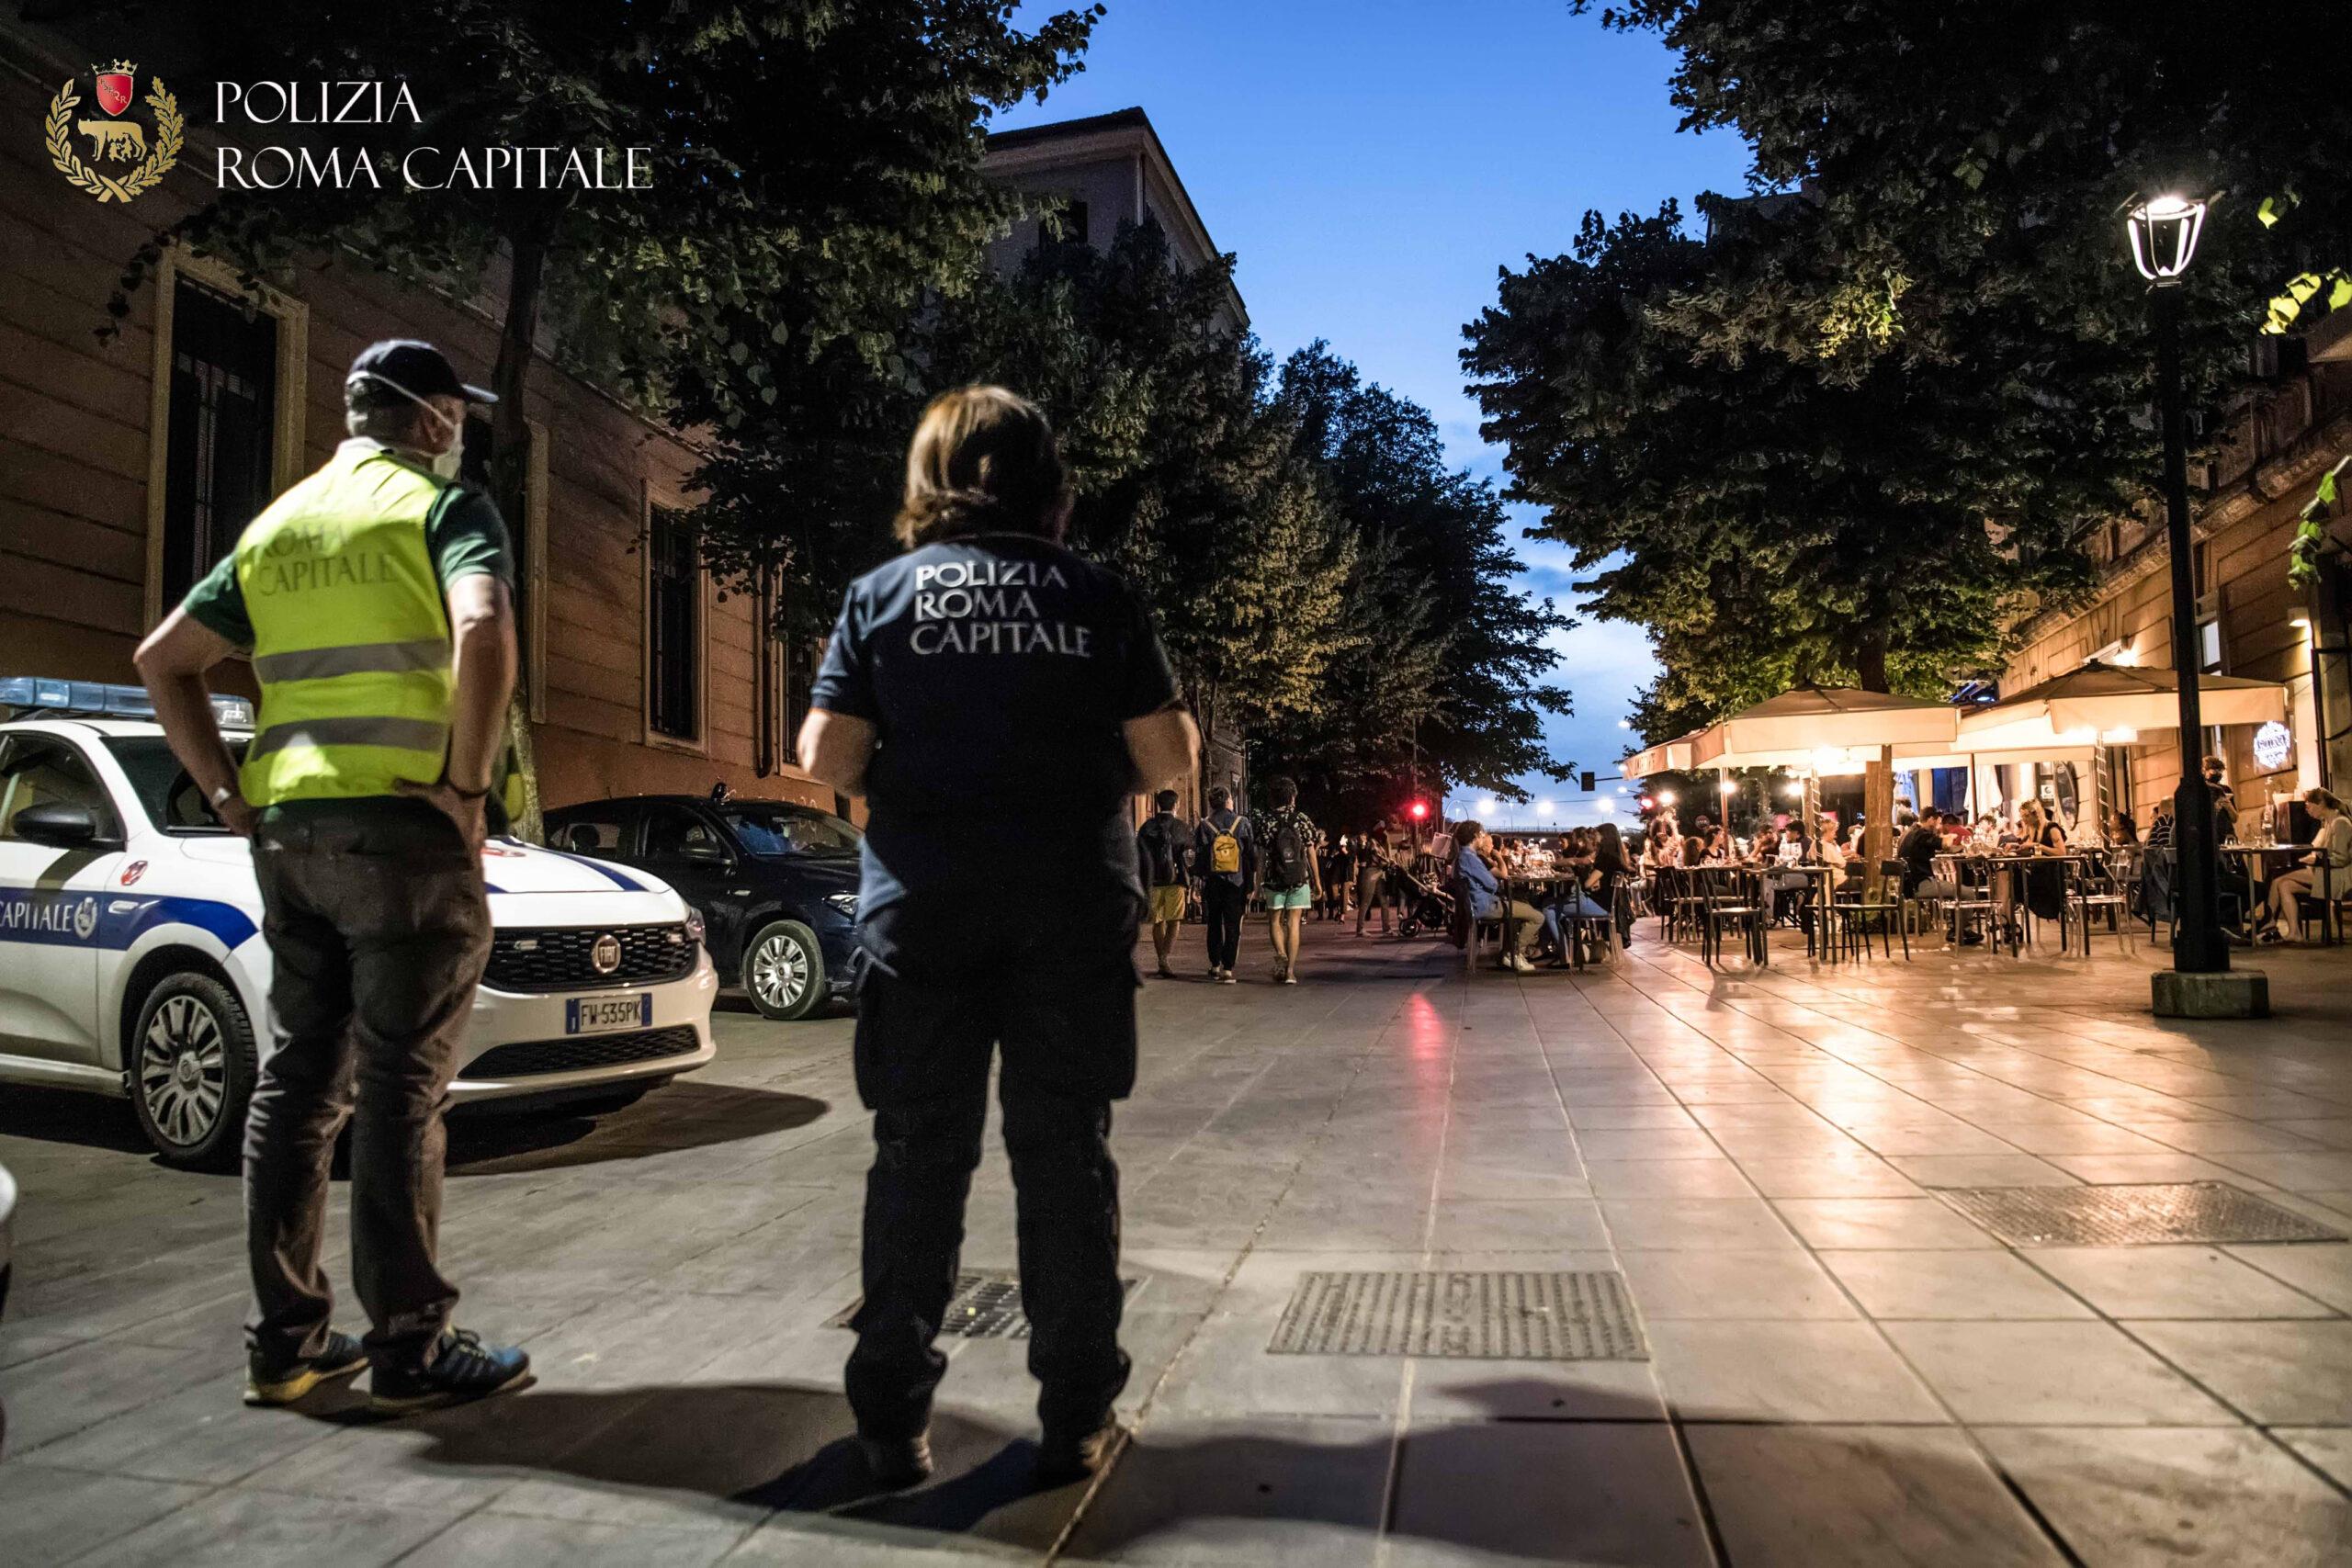 Movida, controlli della Polizia Locale nel fine settimana: sigilli a due minimarket. Vigilanza capillare sul litorale romano, contestazioni scattate per due stabilimenti